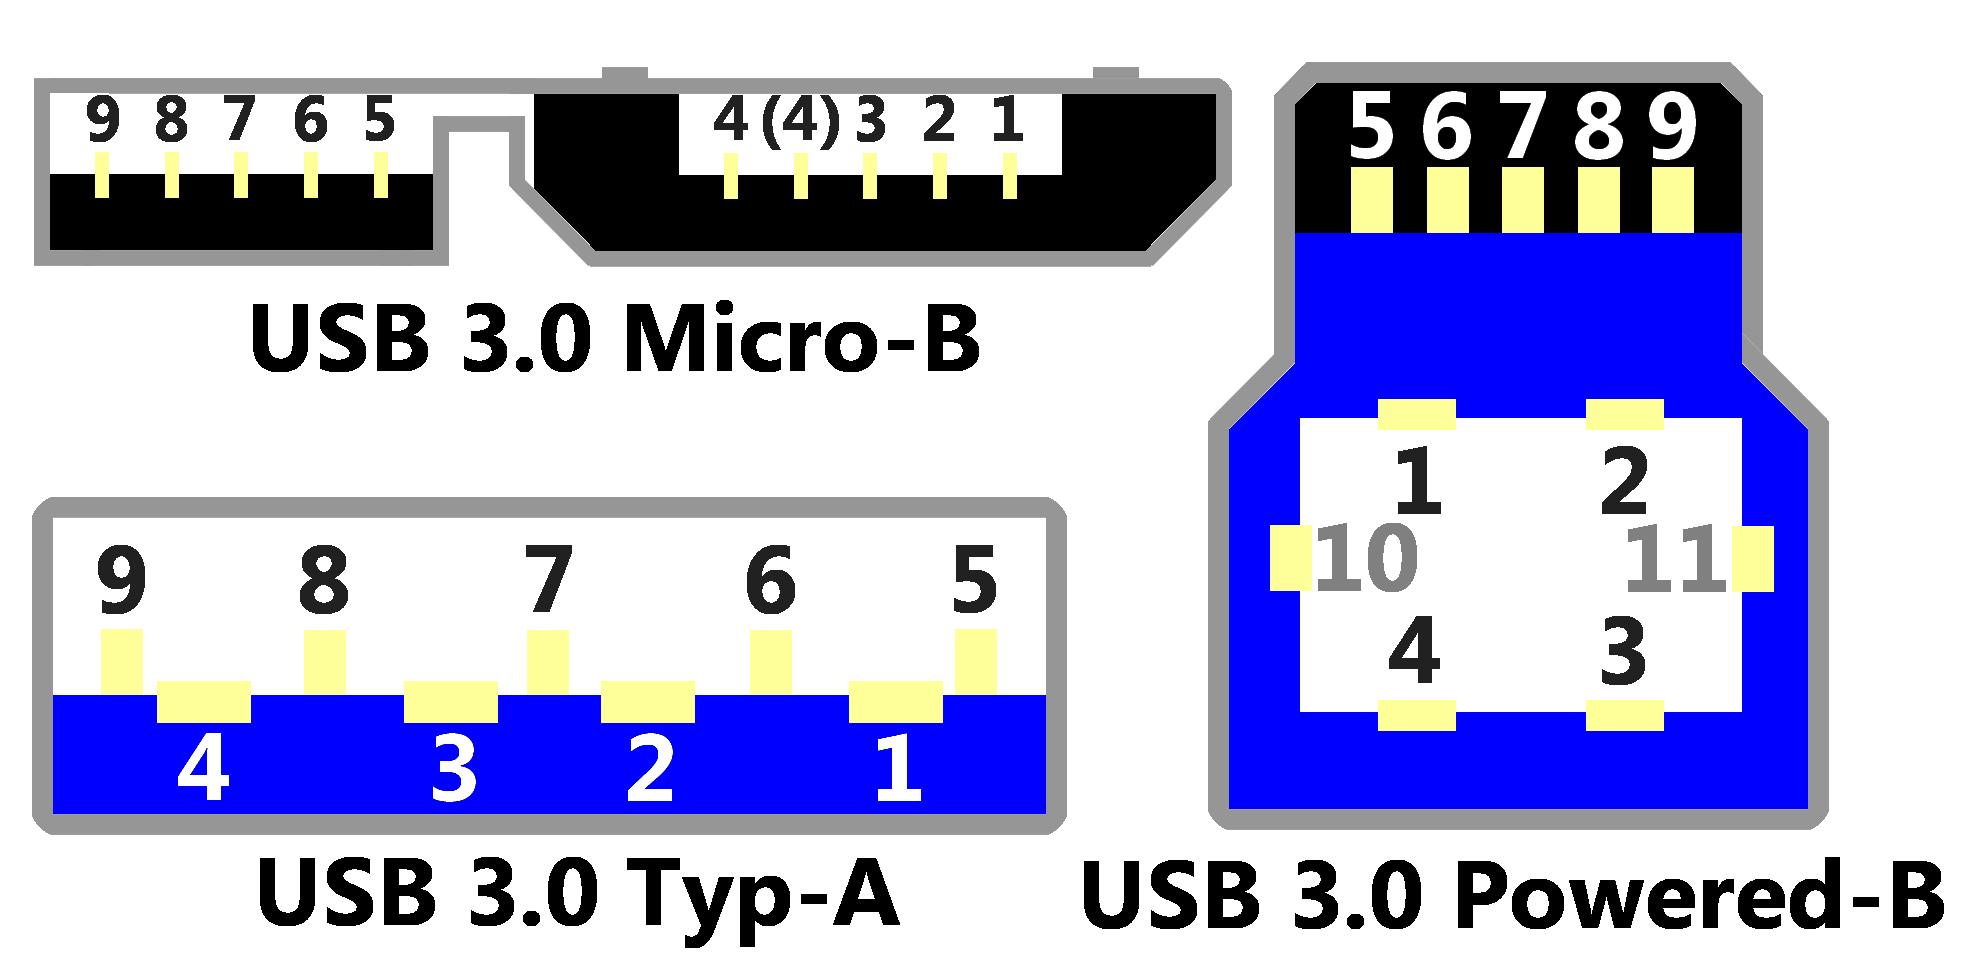 Usb Anschluss Pinbelegung Von A B C Und Micro Giga Schematic Symbol 30 Pinout Powered